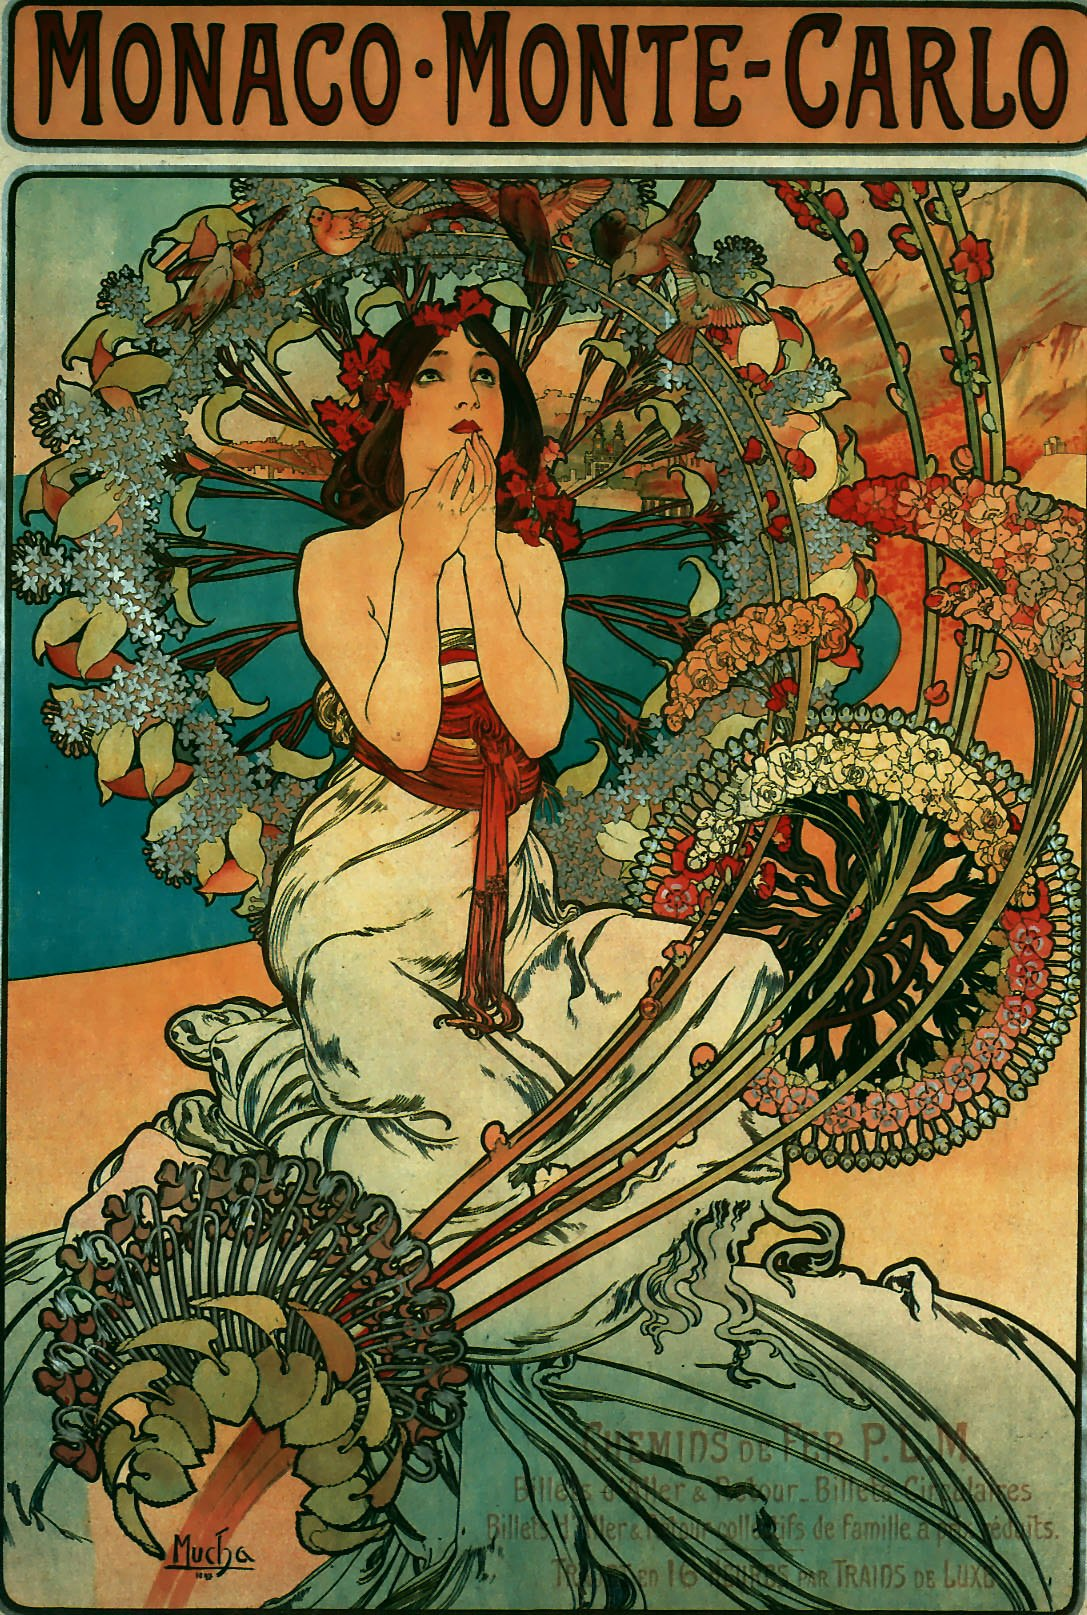 Реклама туристического агентства - Monaco Monte-Carlo-1897